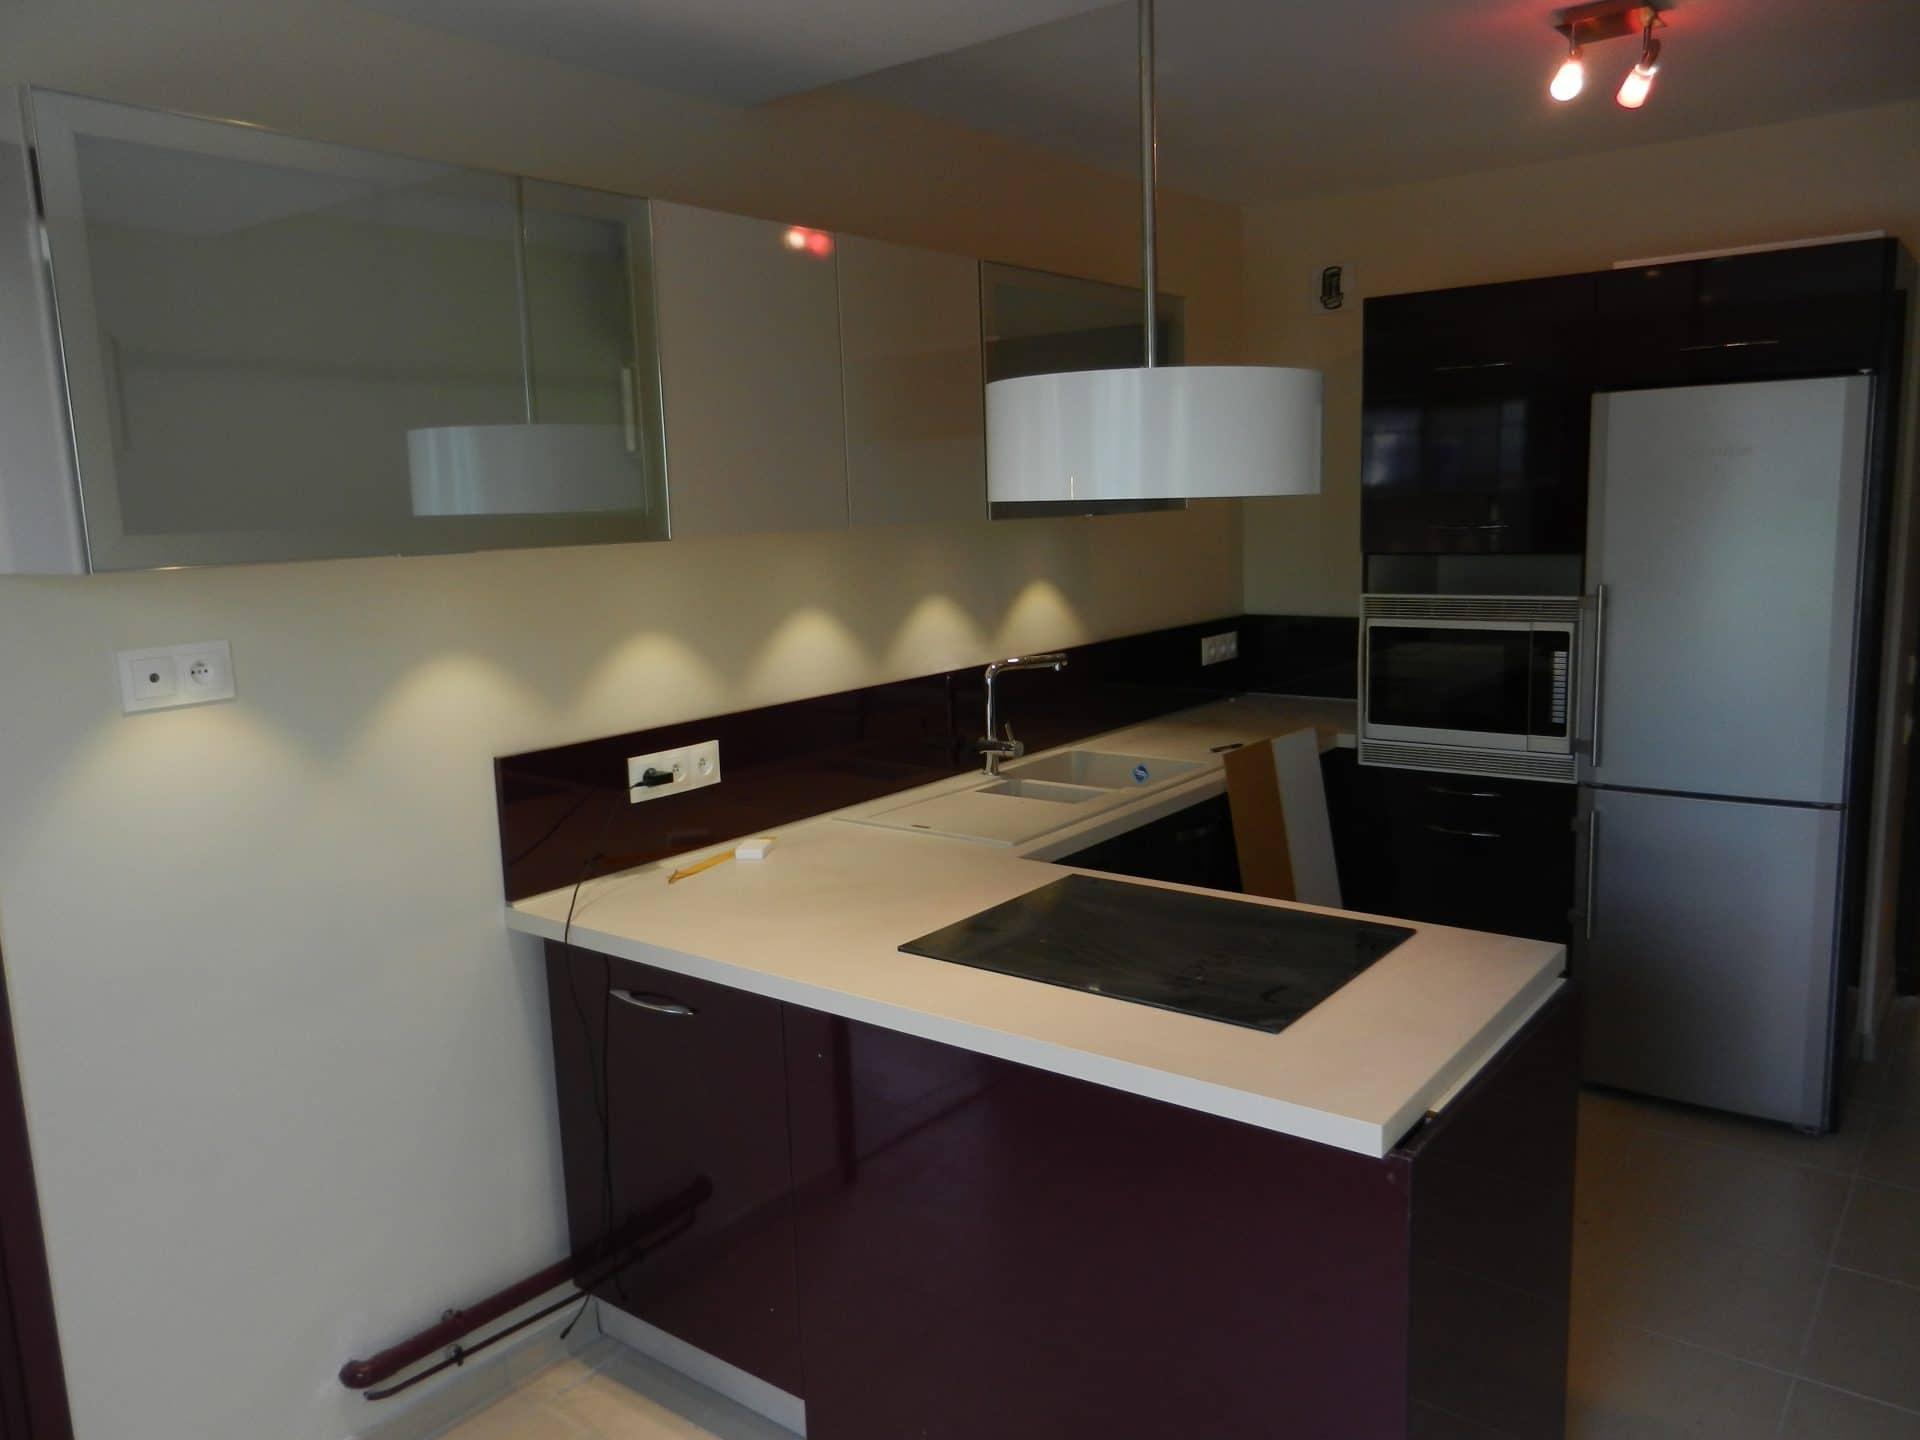 Idée de rénovation d'appartement à Sainte-Foy-lès-Lyon (69)